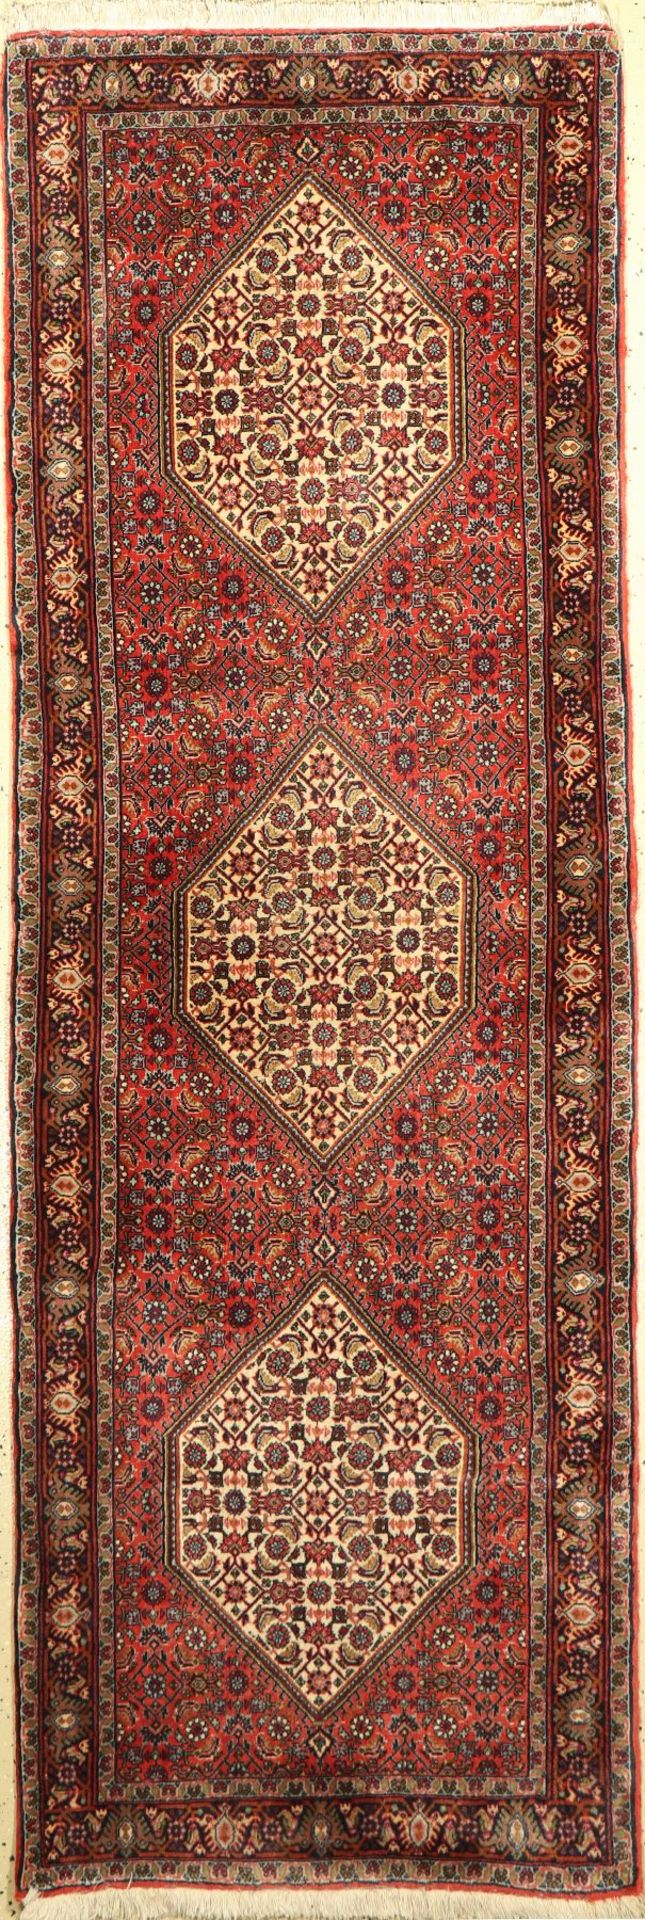 Bidjar, Persien, ca. 50 Jahre, Korkwolle, ca. 222 x 75 cm, EHZ: 2Bijar Rug , Persia, approx. 50